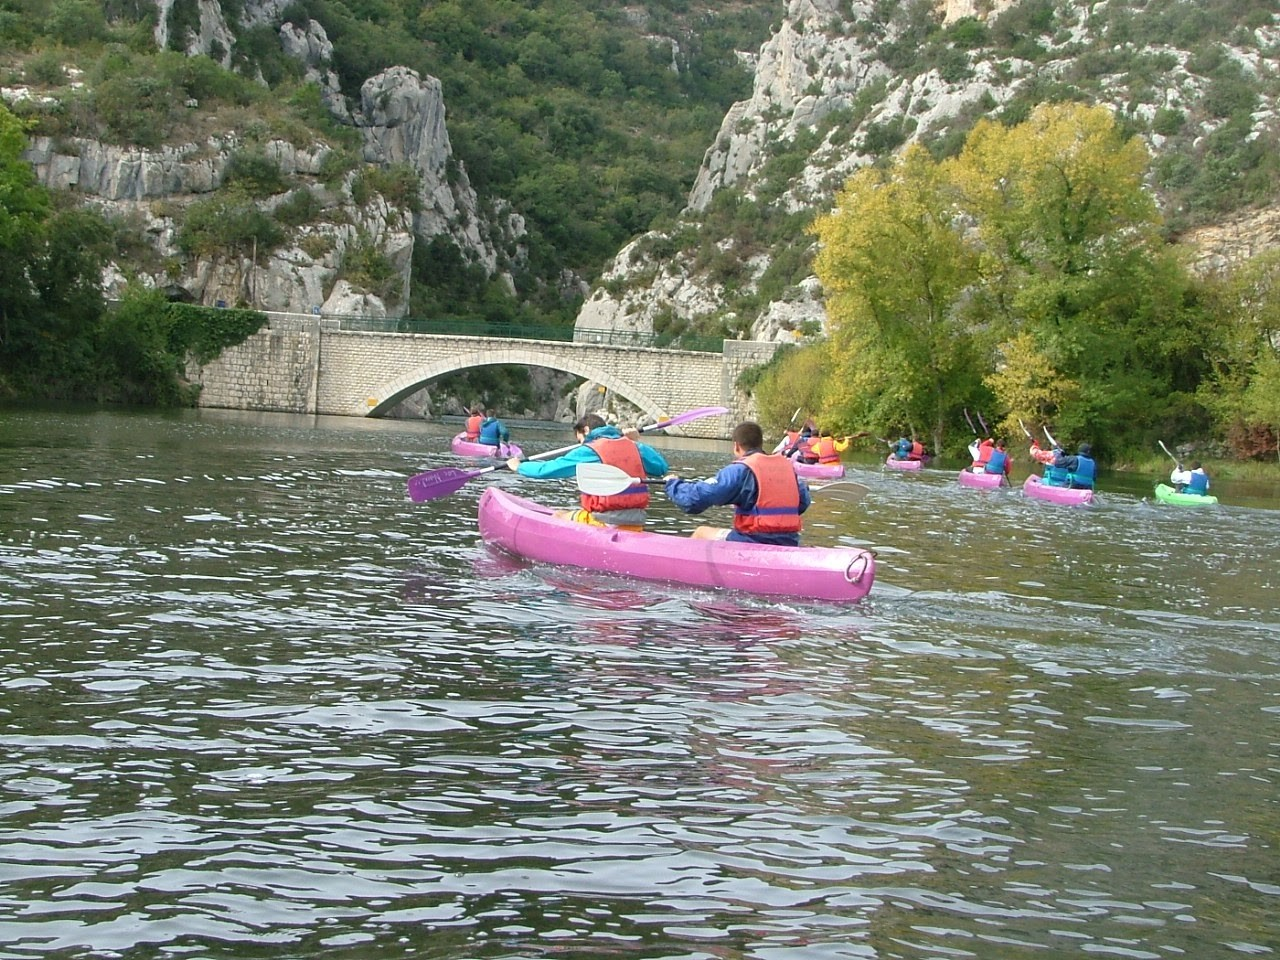 Activité canoe kayak pour un groupe lors d'un séminaire d'entreprise